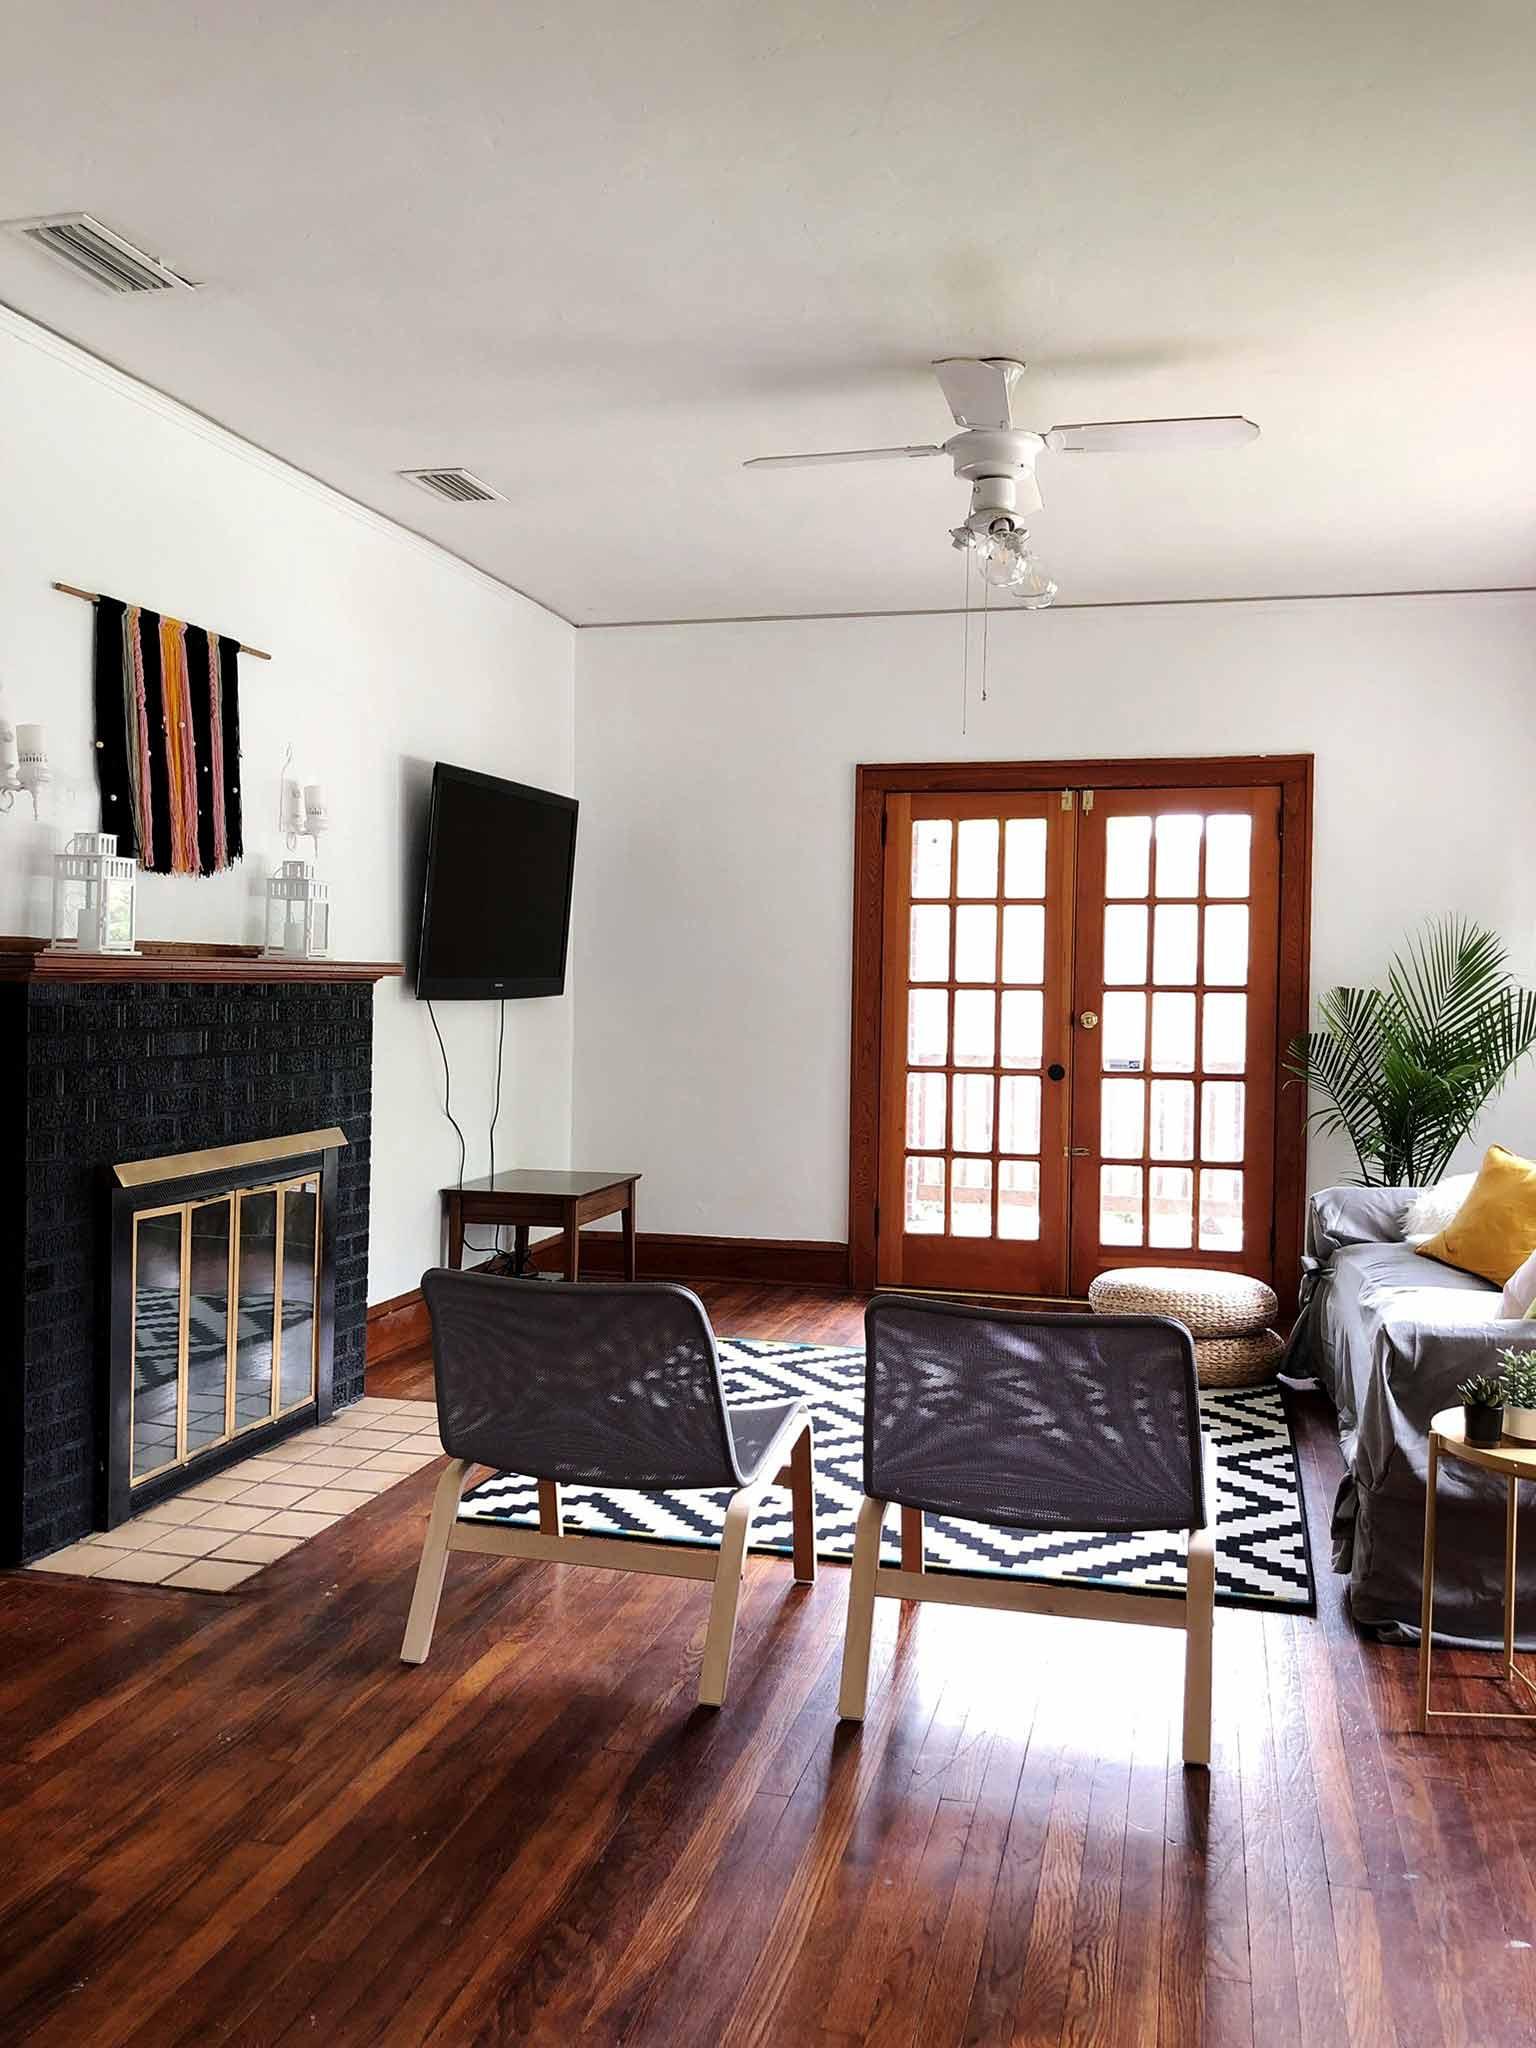 Minimalistic Living Room  A Modern Minimalist Living Room Makeover on a Bud